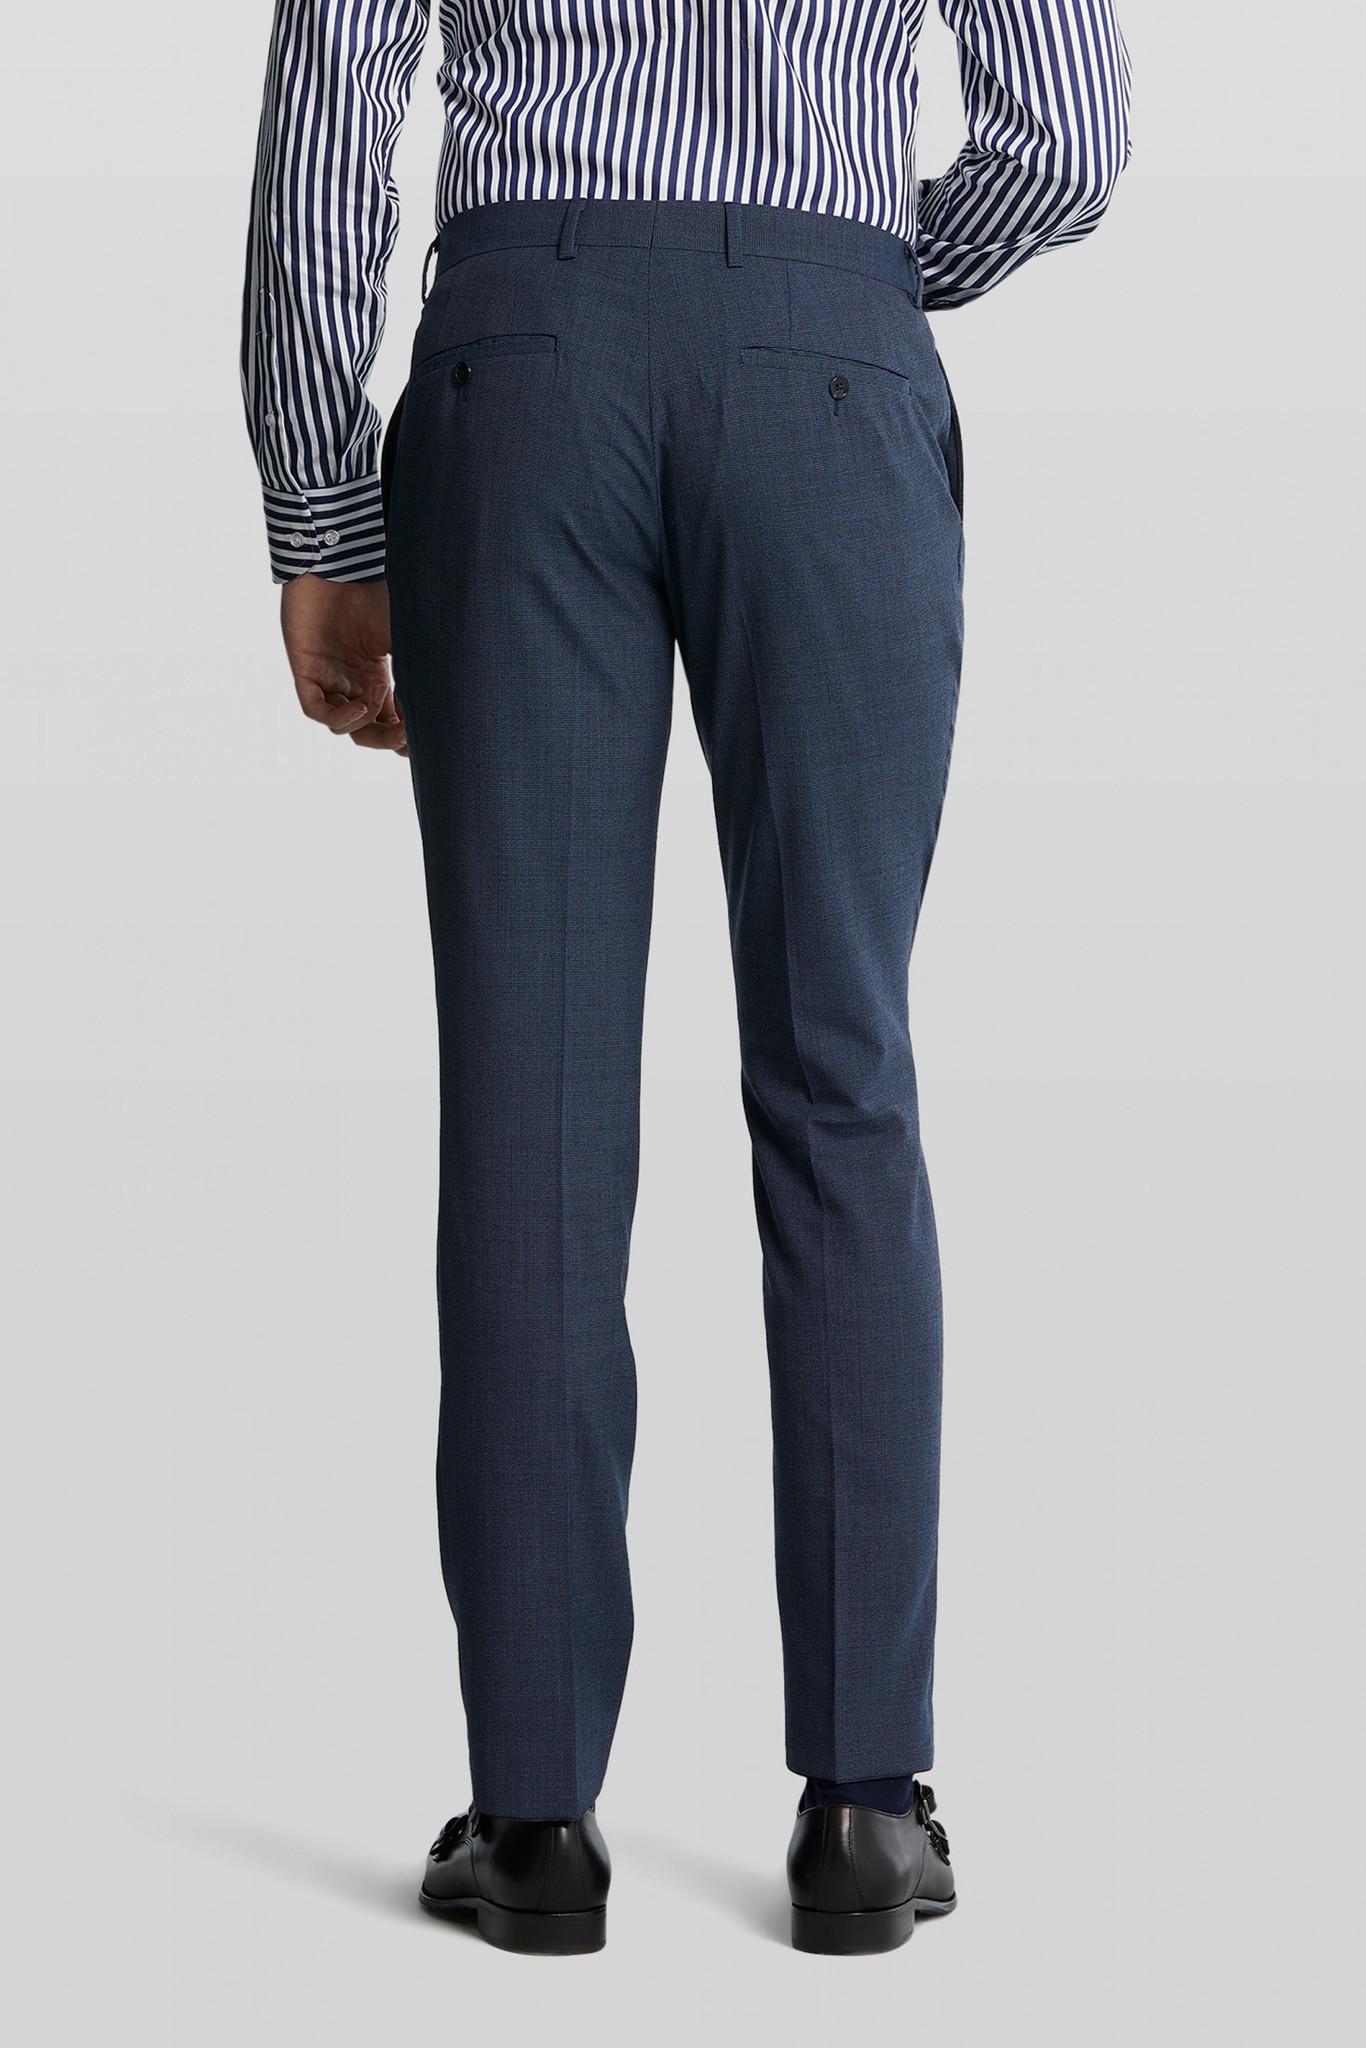 Pantalon 1420VGB00113-7370-5